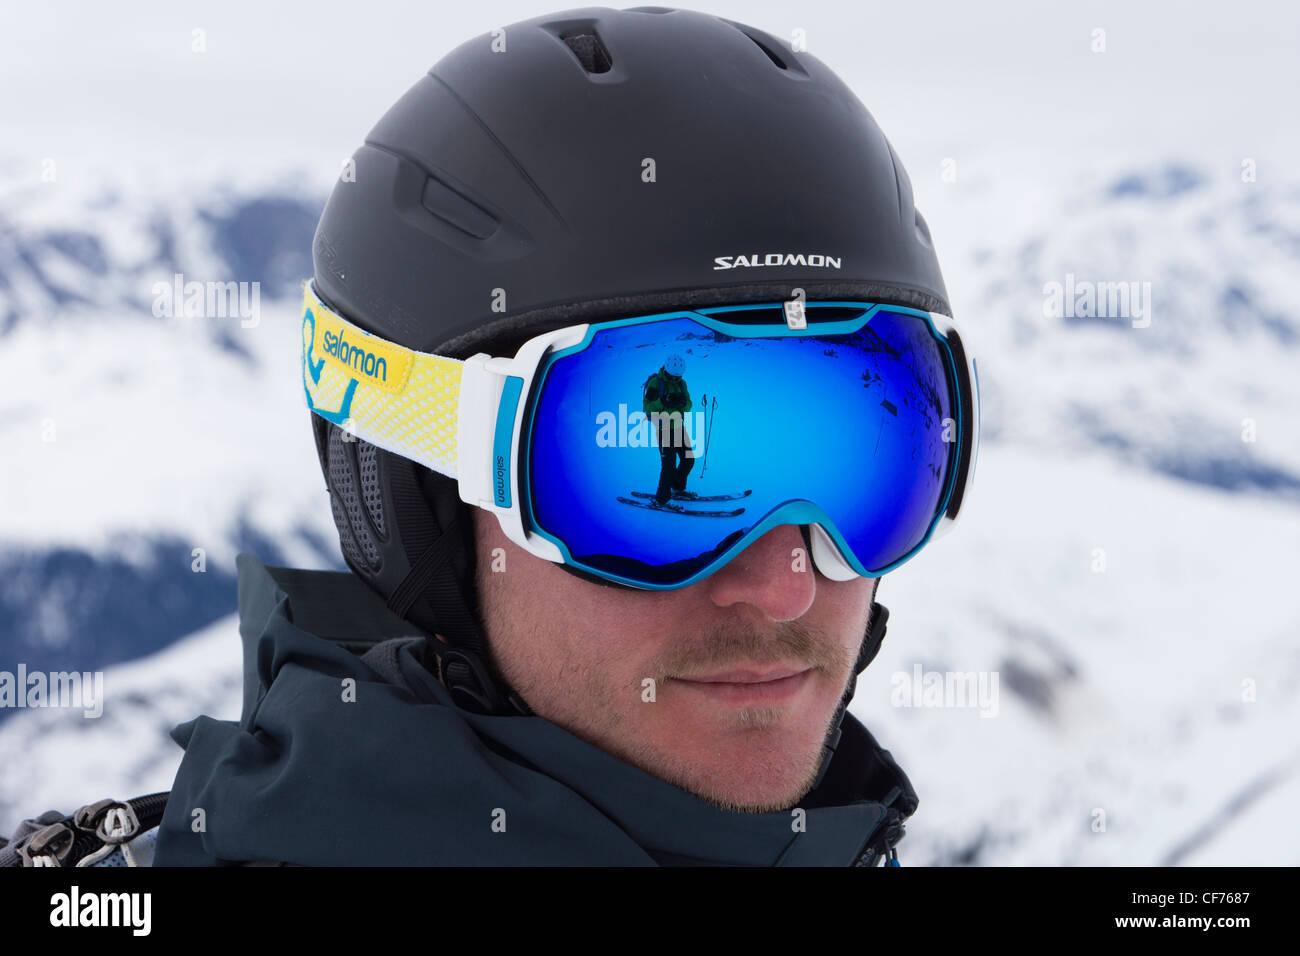 Uomo che indossa un Salomon sci casco con uno sciatore sulla neve si riflette in una coppia di blu occhiali da sci Immagini Stock